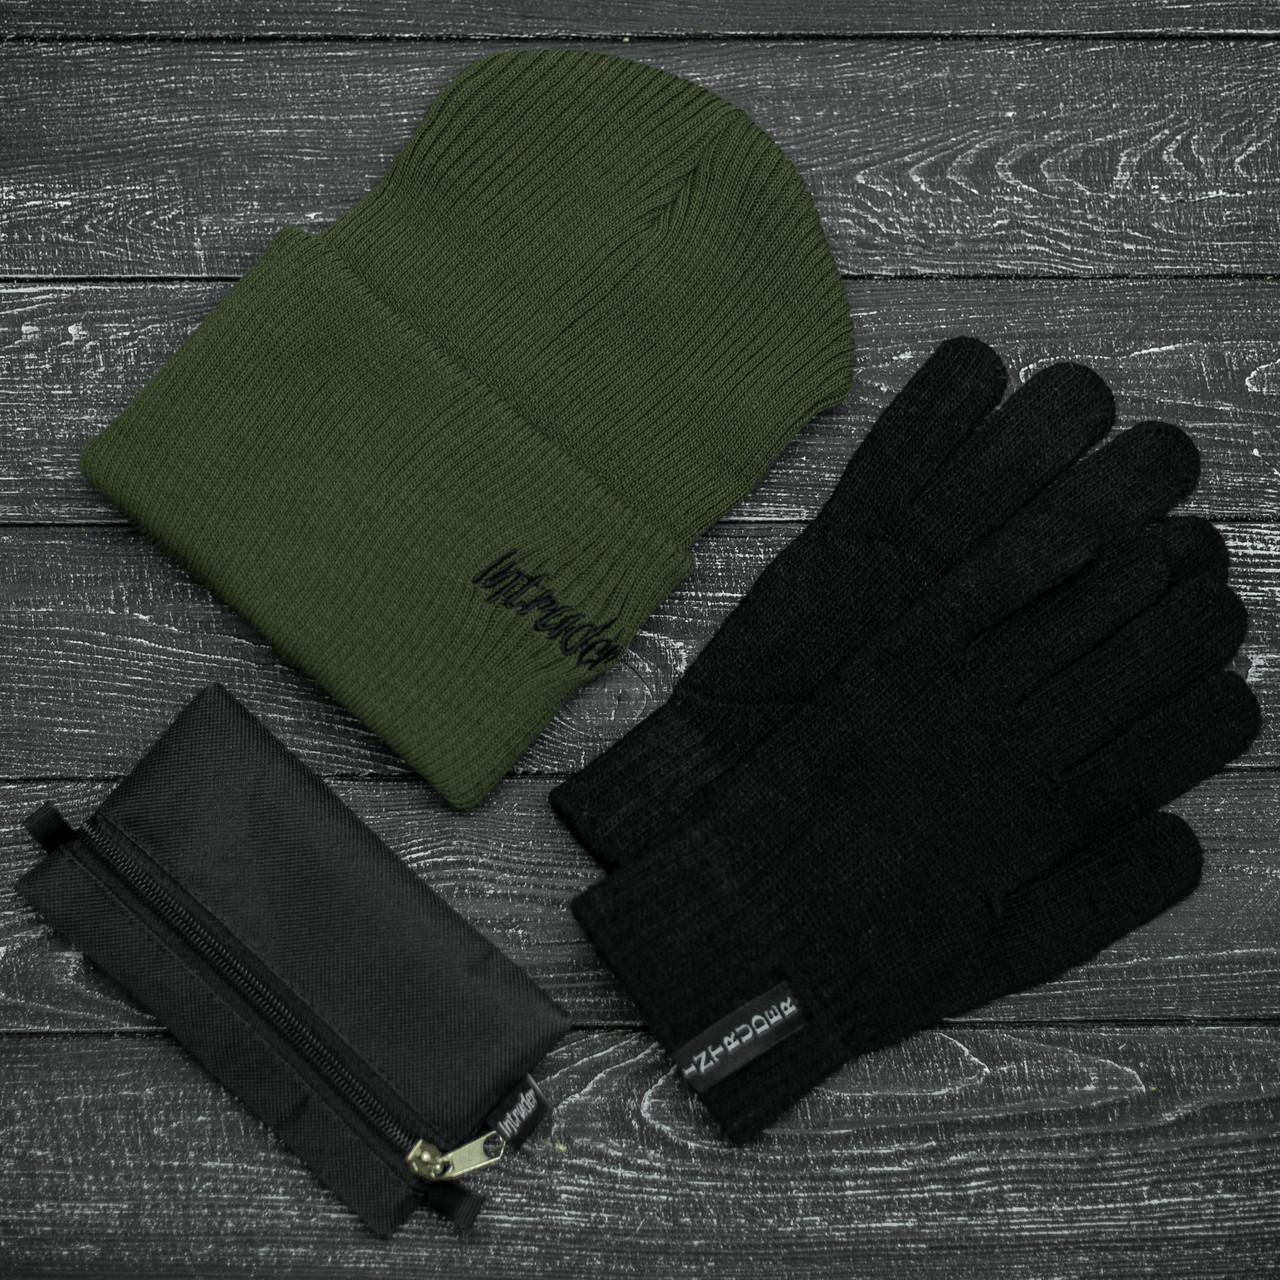 Шапка хаки и перчатки черные комплект